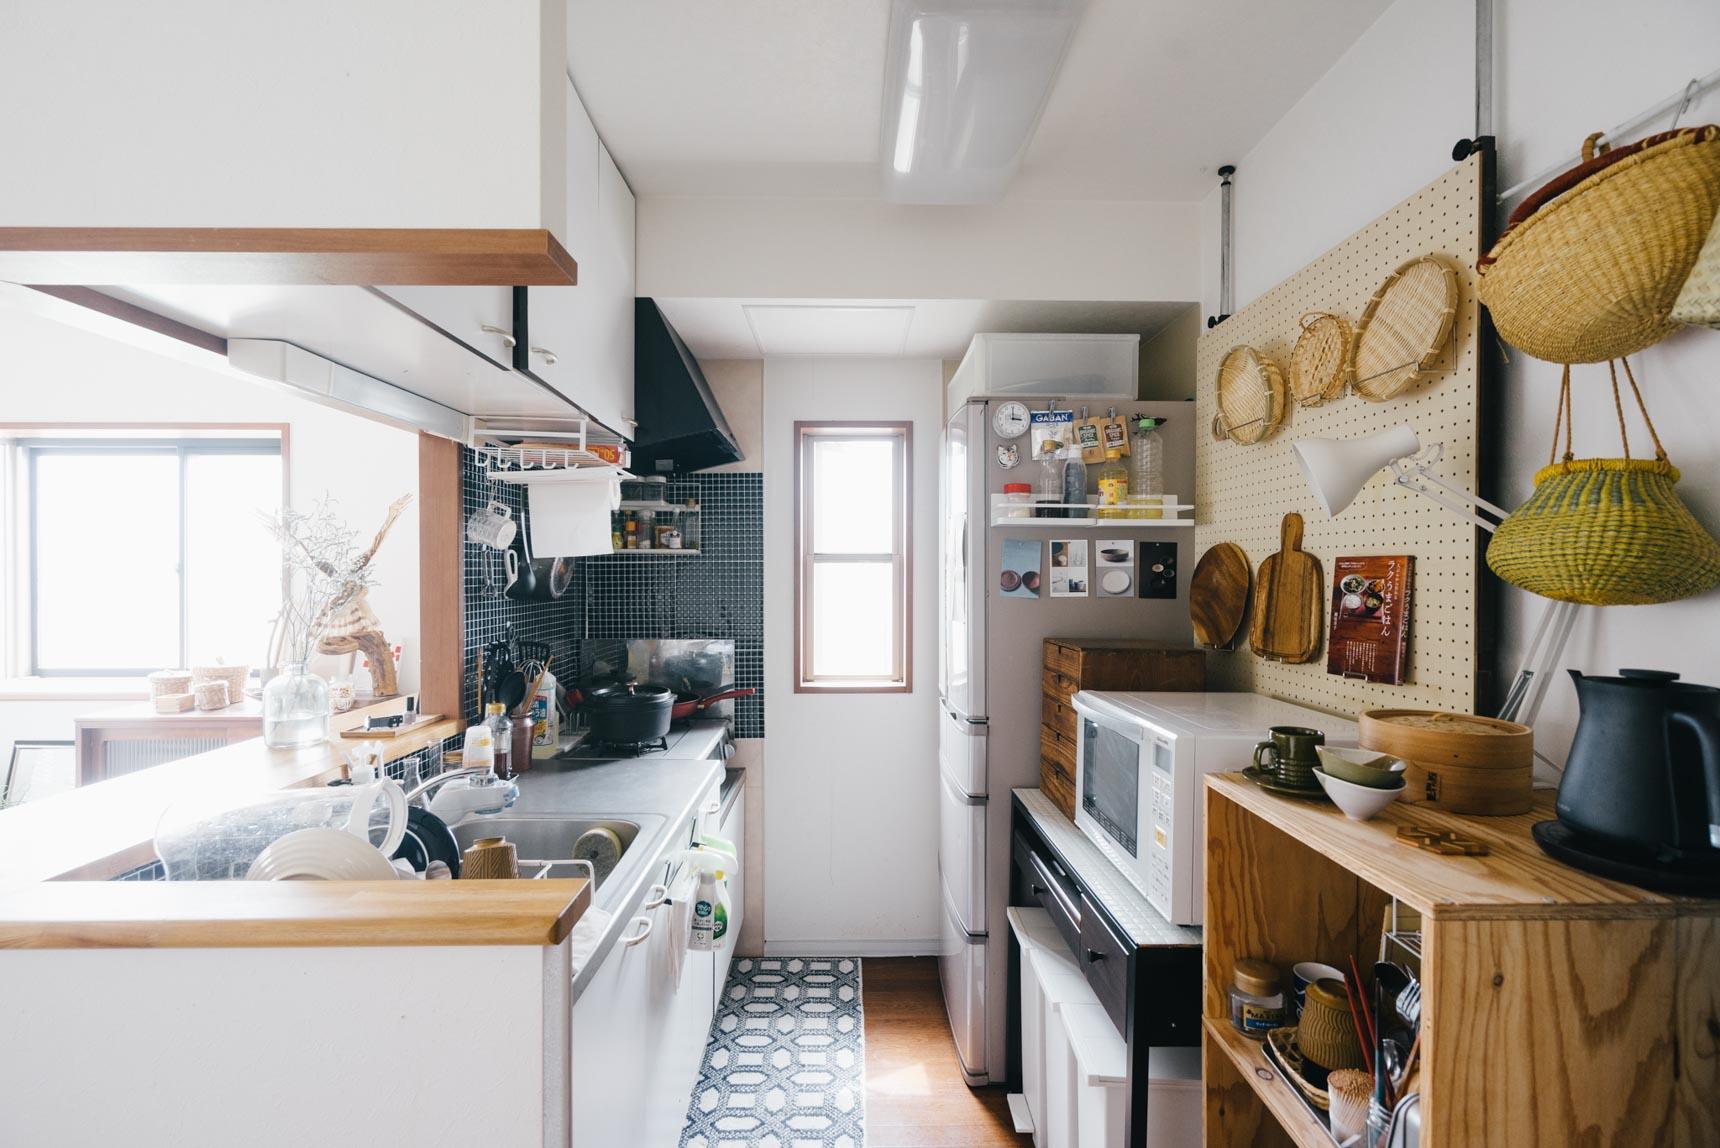 """そんなときは、思い切ってキッチンカウンターを利用して""""立ちながら""""仕事をしてみたり、ベランダに椅子を出して作業をしたり。同じ部屋の中でも、環境を変えてみることで意外な発見があるかもしれません。(このお部屋をもっと見る)"""